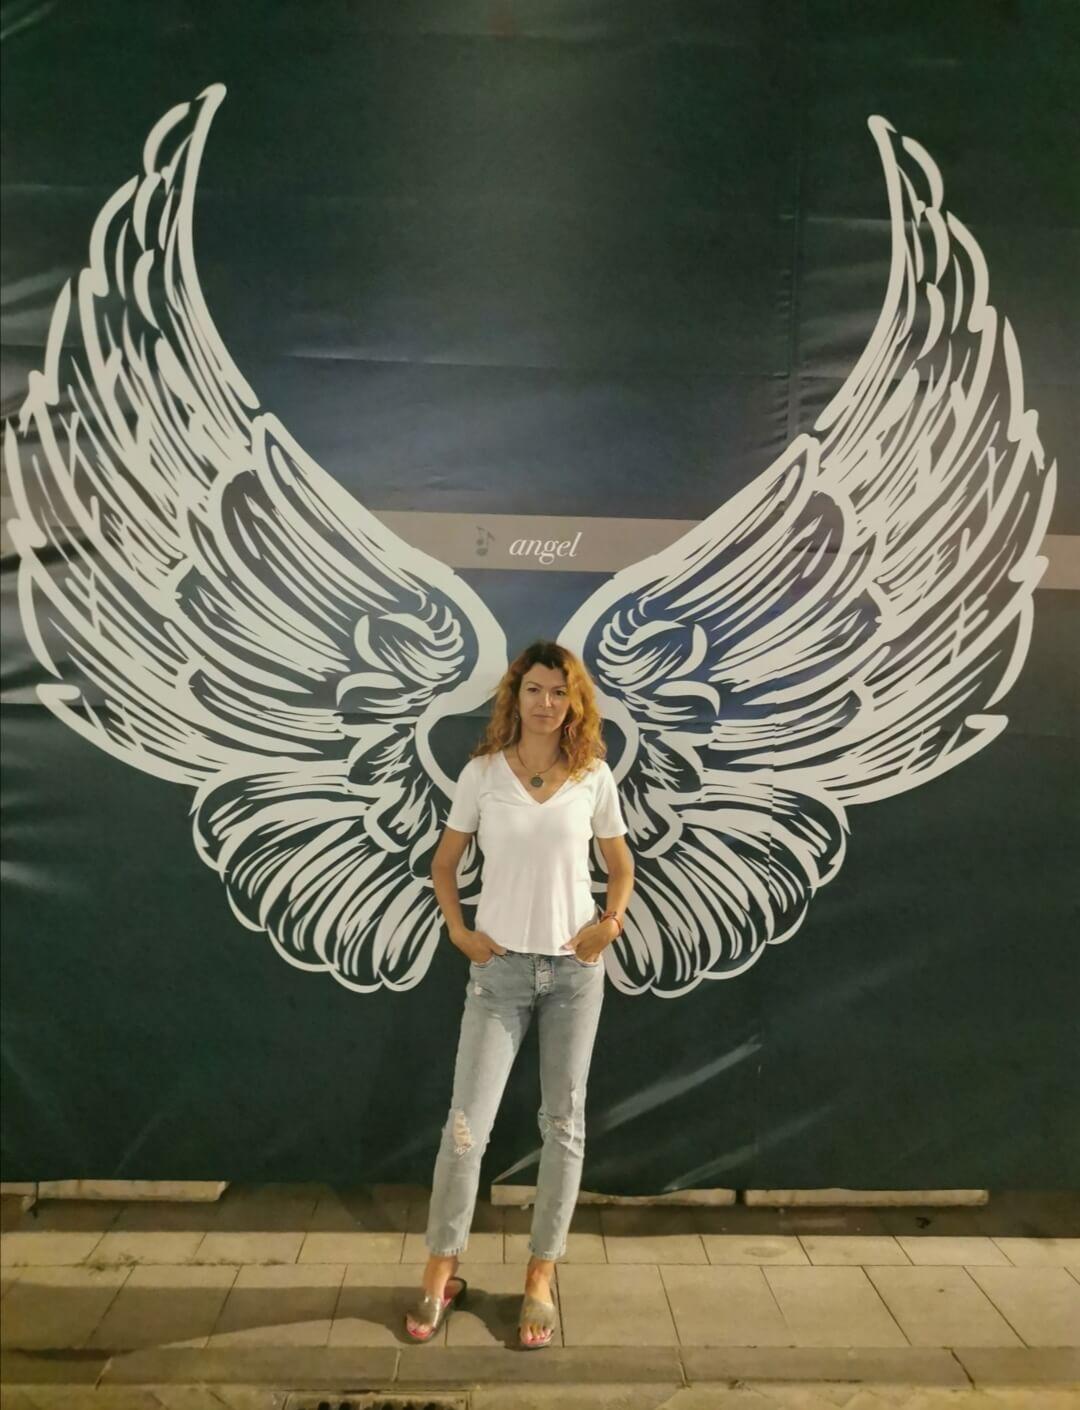 Sanja sa krilima